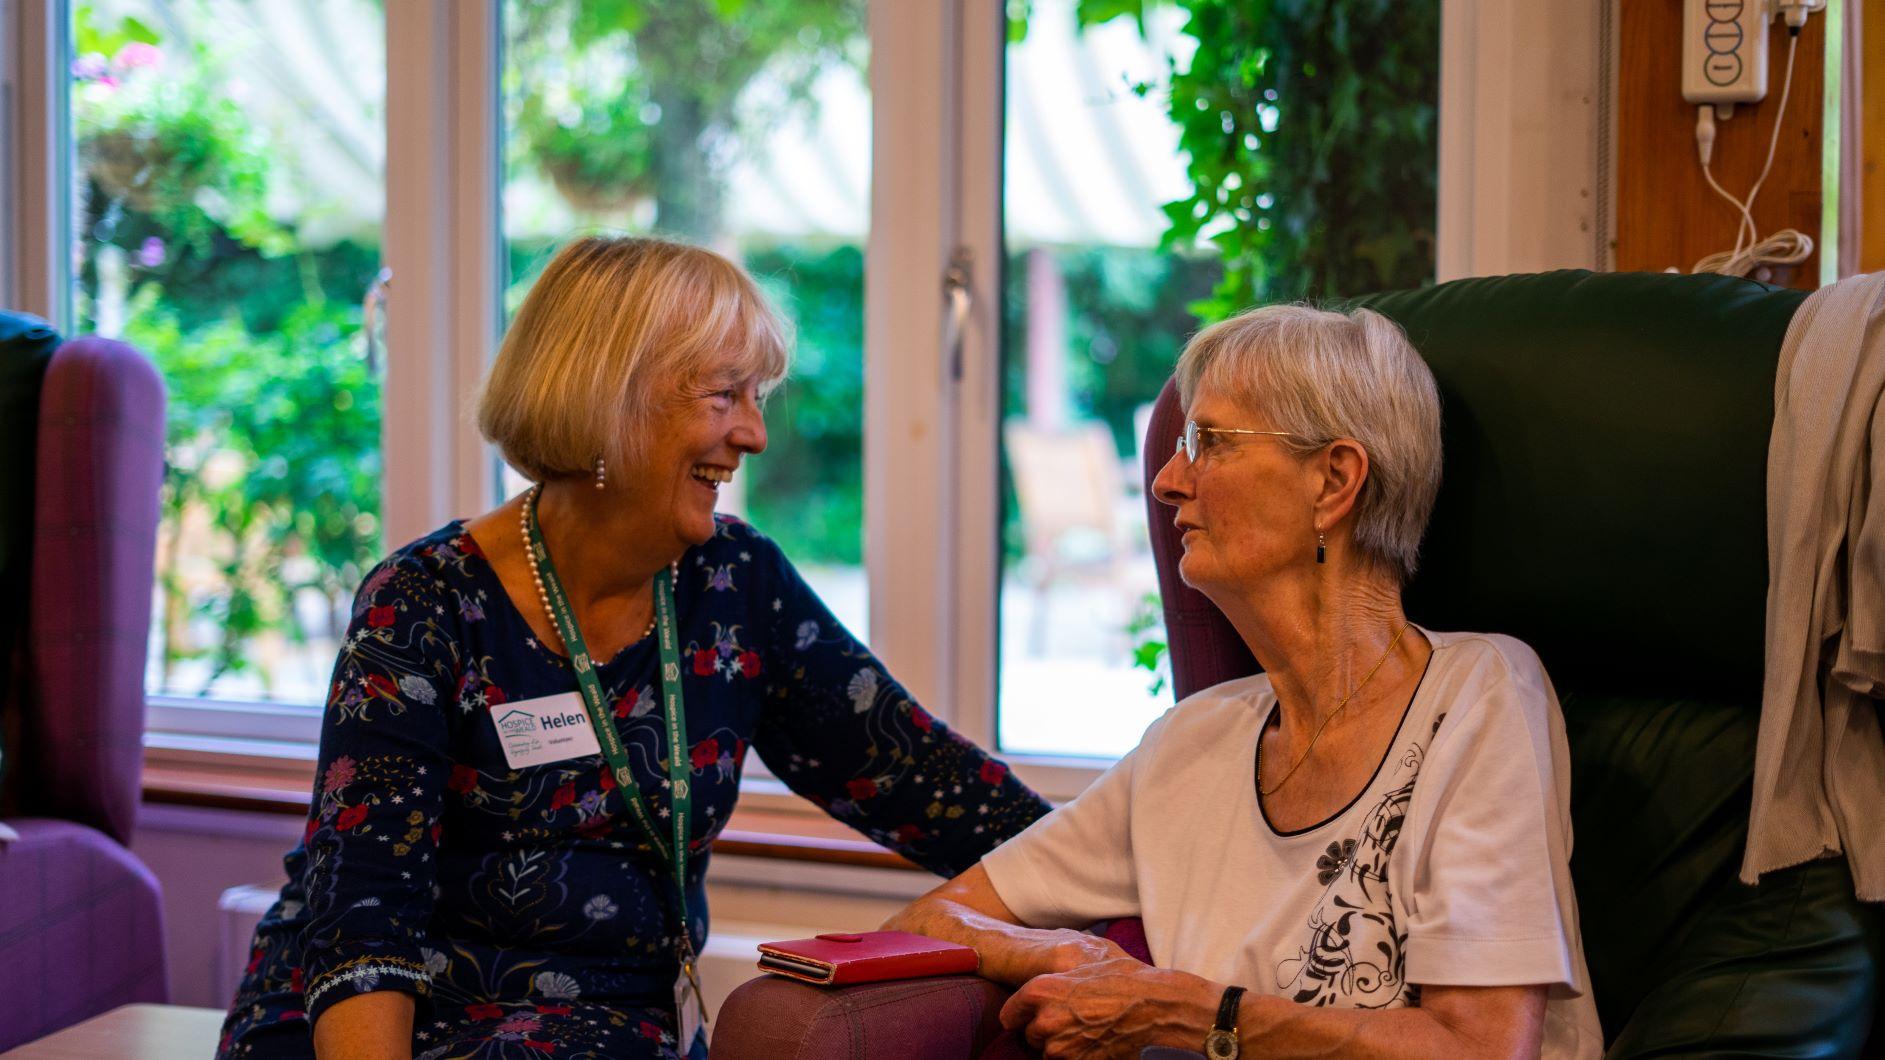 Volunteer and Patient